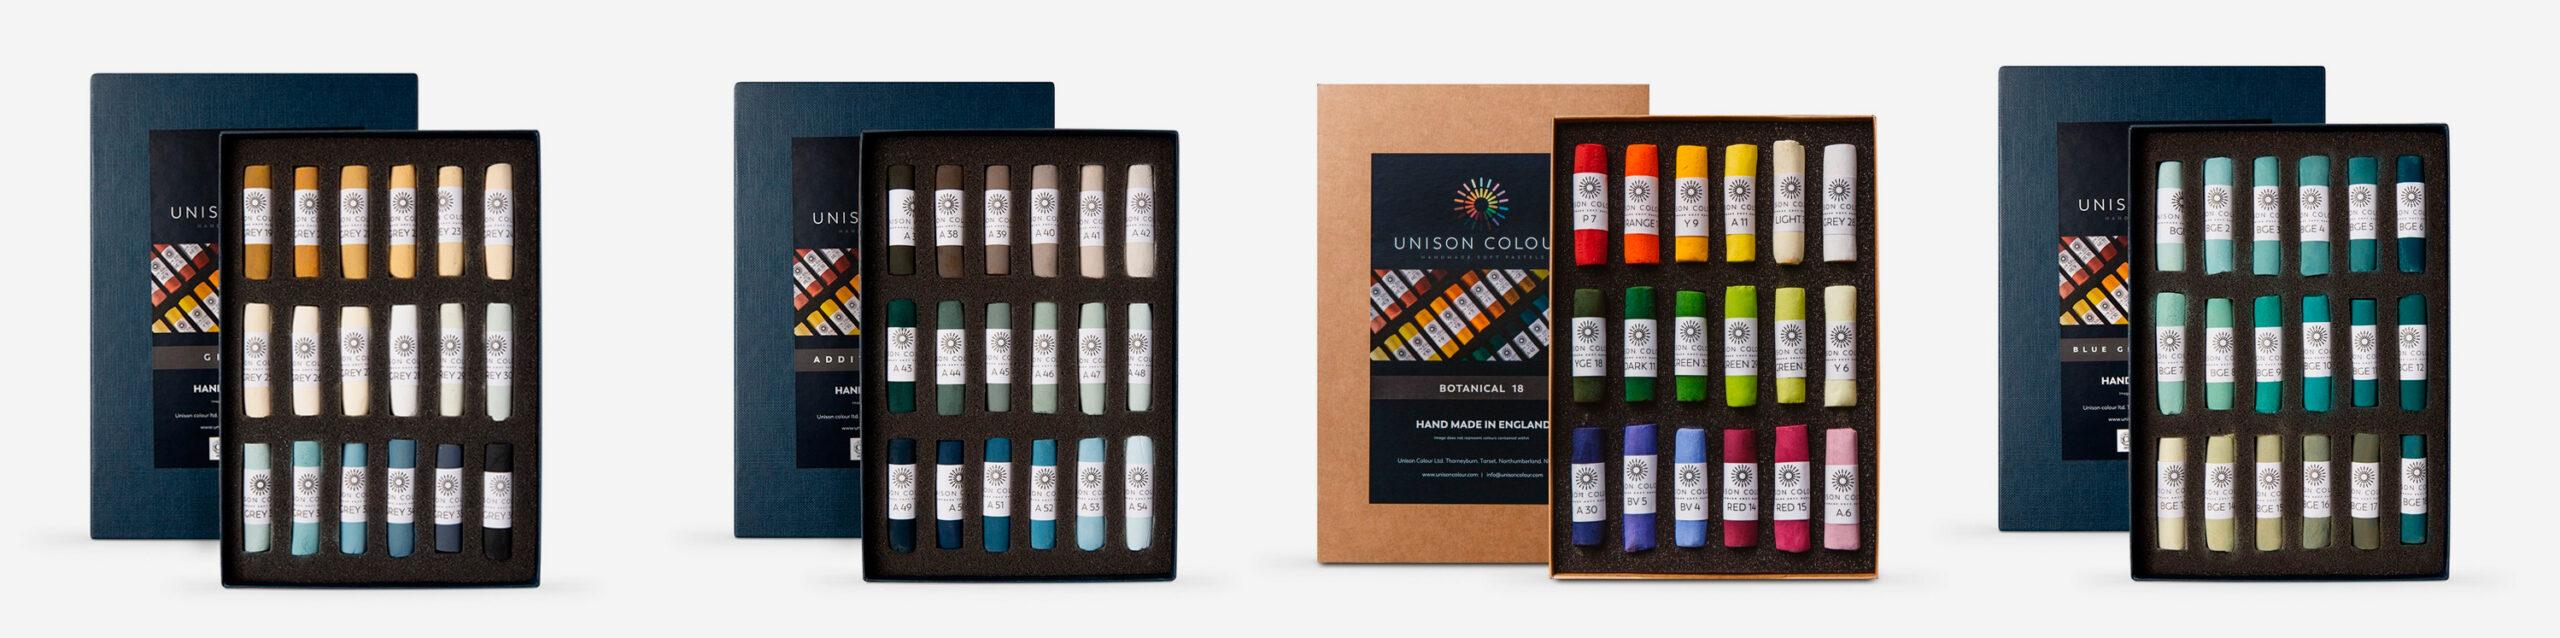 L-R: Unison Soft Pastel set of 18 Grey 19 - 36, set of 18 Additional 37 - 54, set of 18 Botanical, set of 18 Blue Green Earth